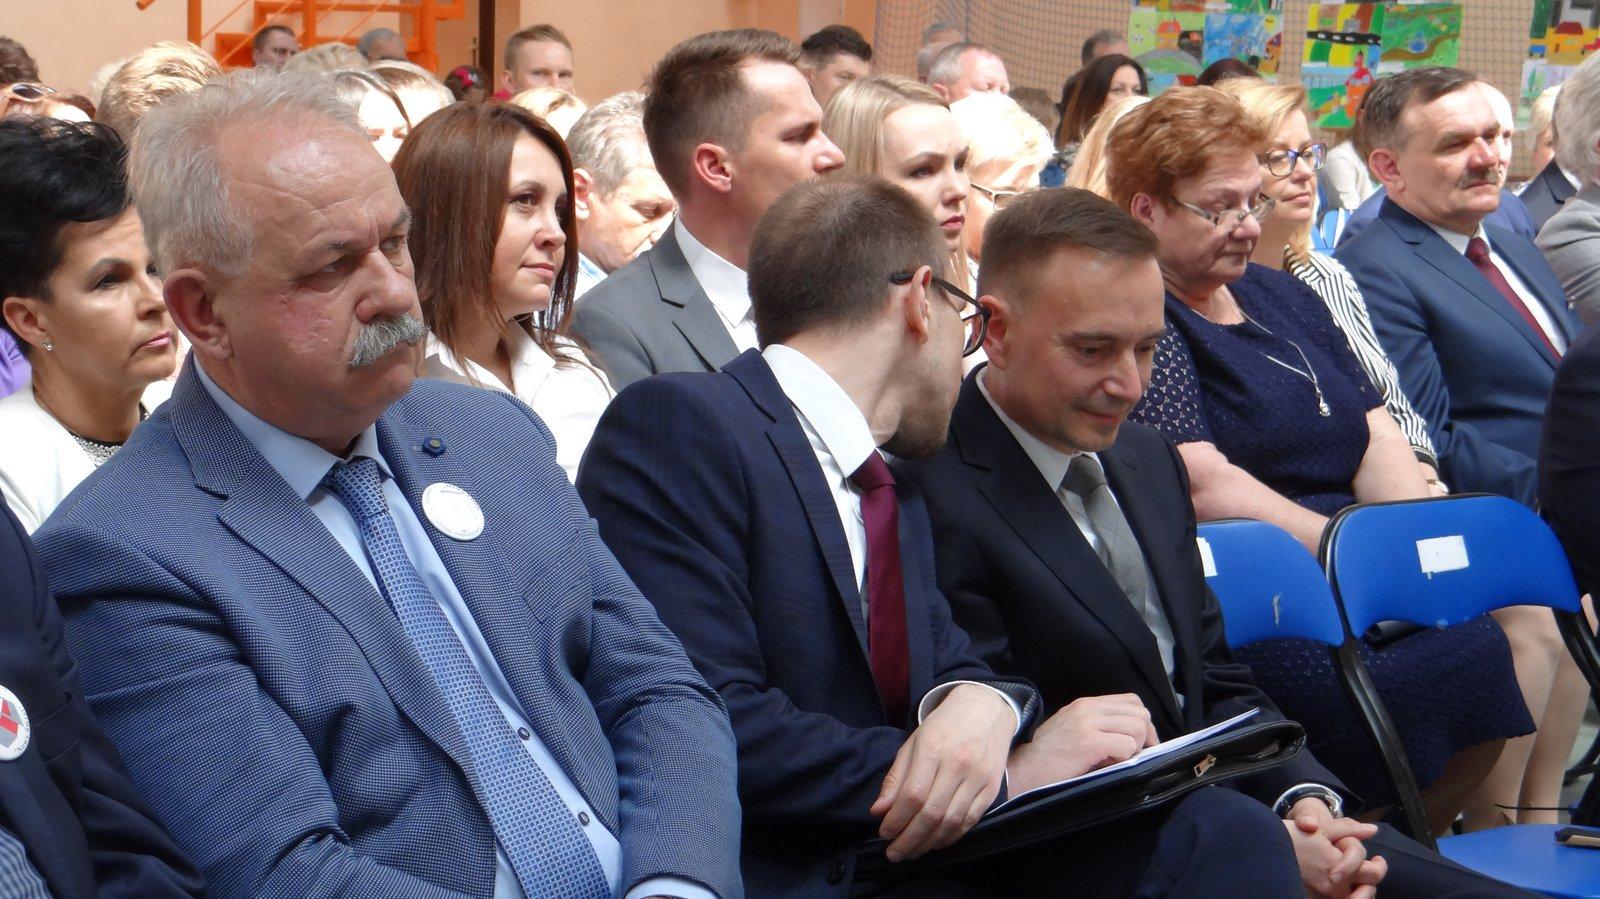 dsc09460 - Wielkopolska zaradność i pracowitość doceniona na Forum Wielkopolskiej Wsi Europejskiej